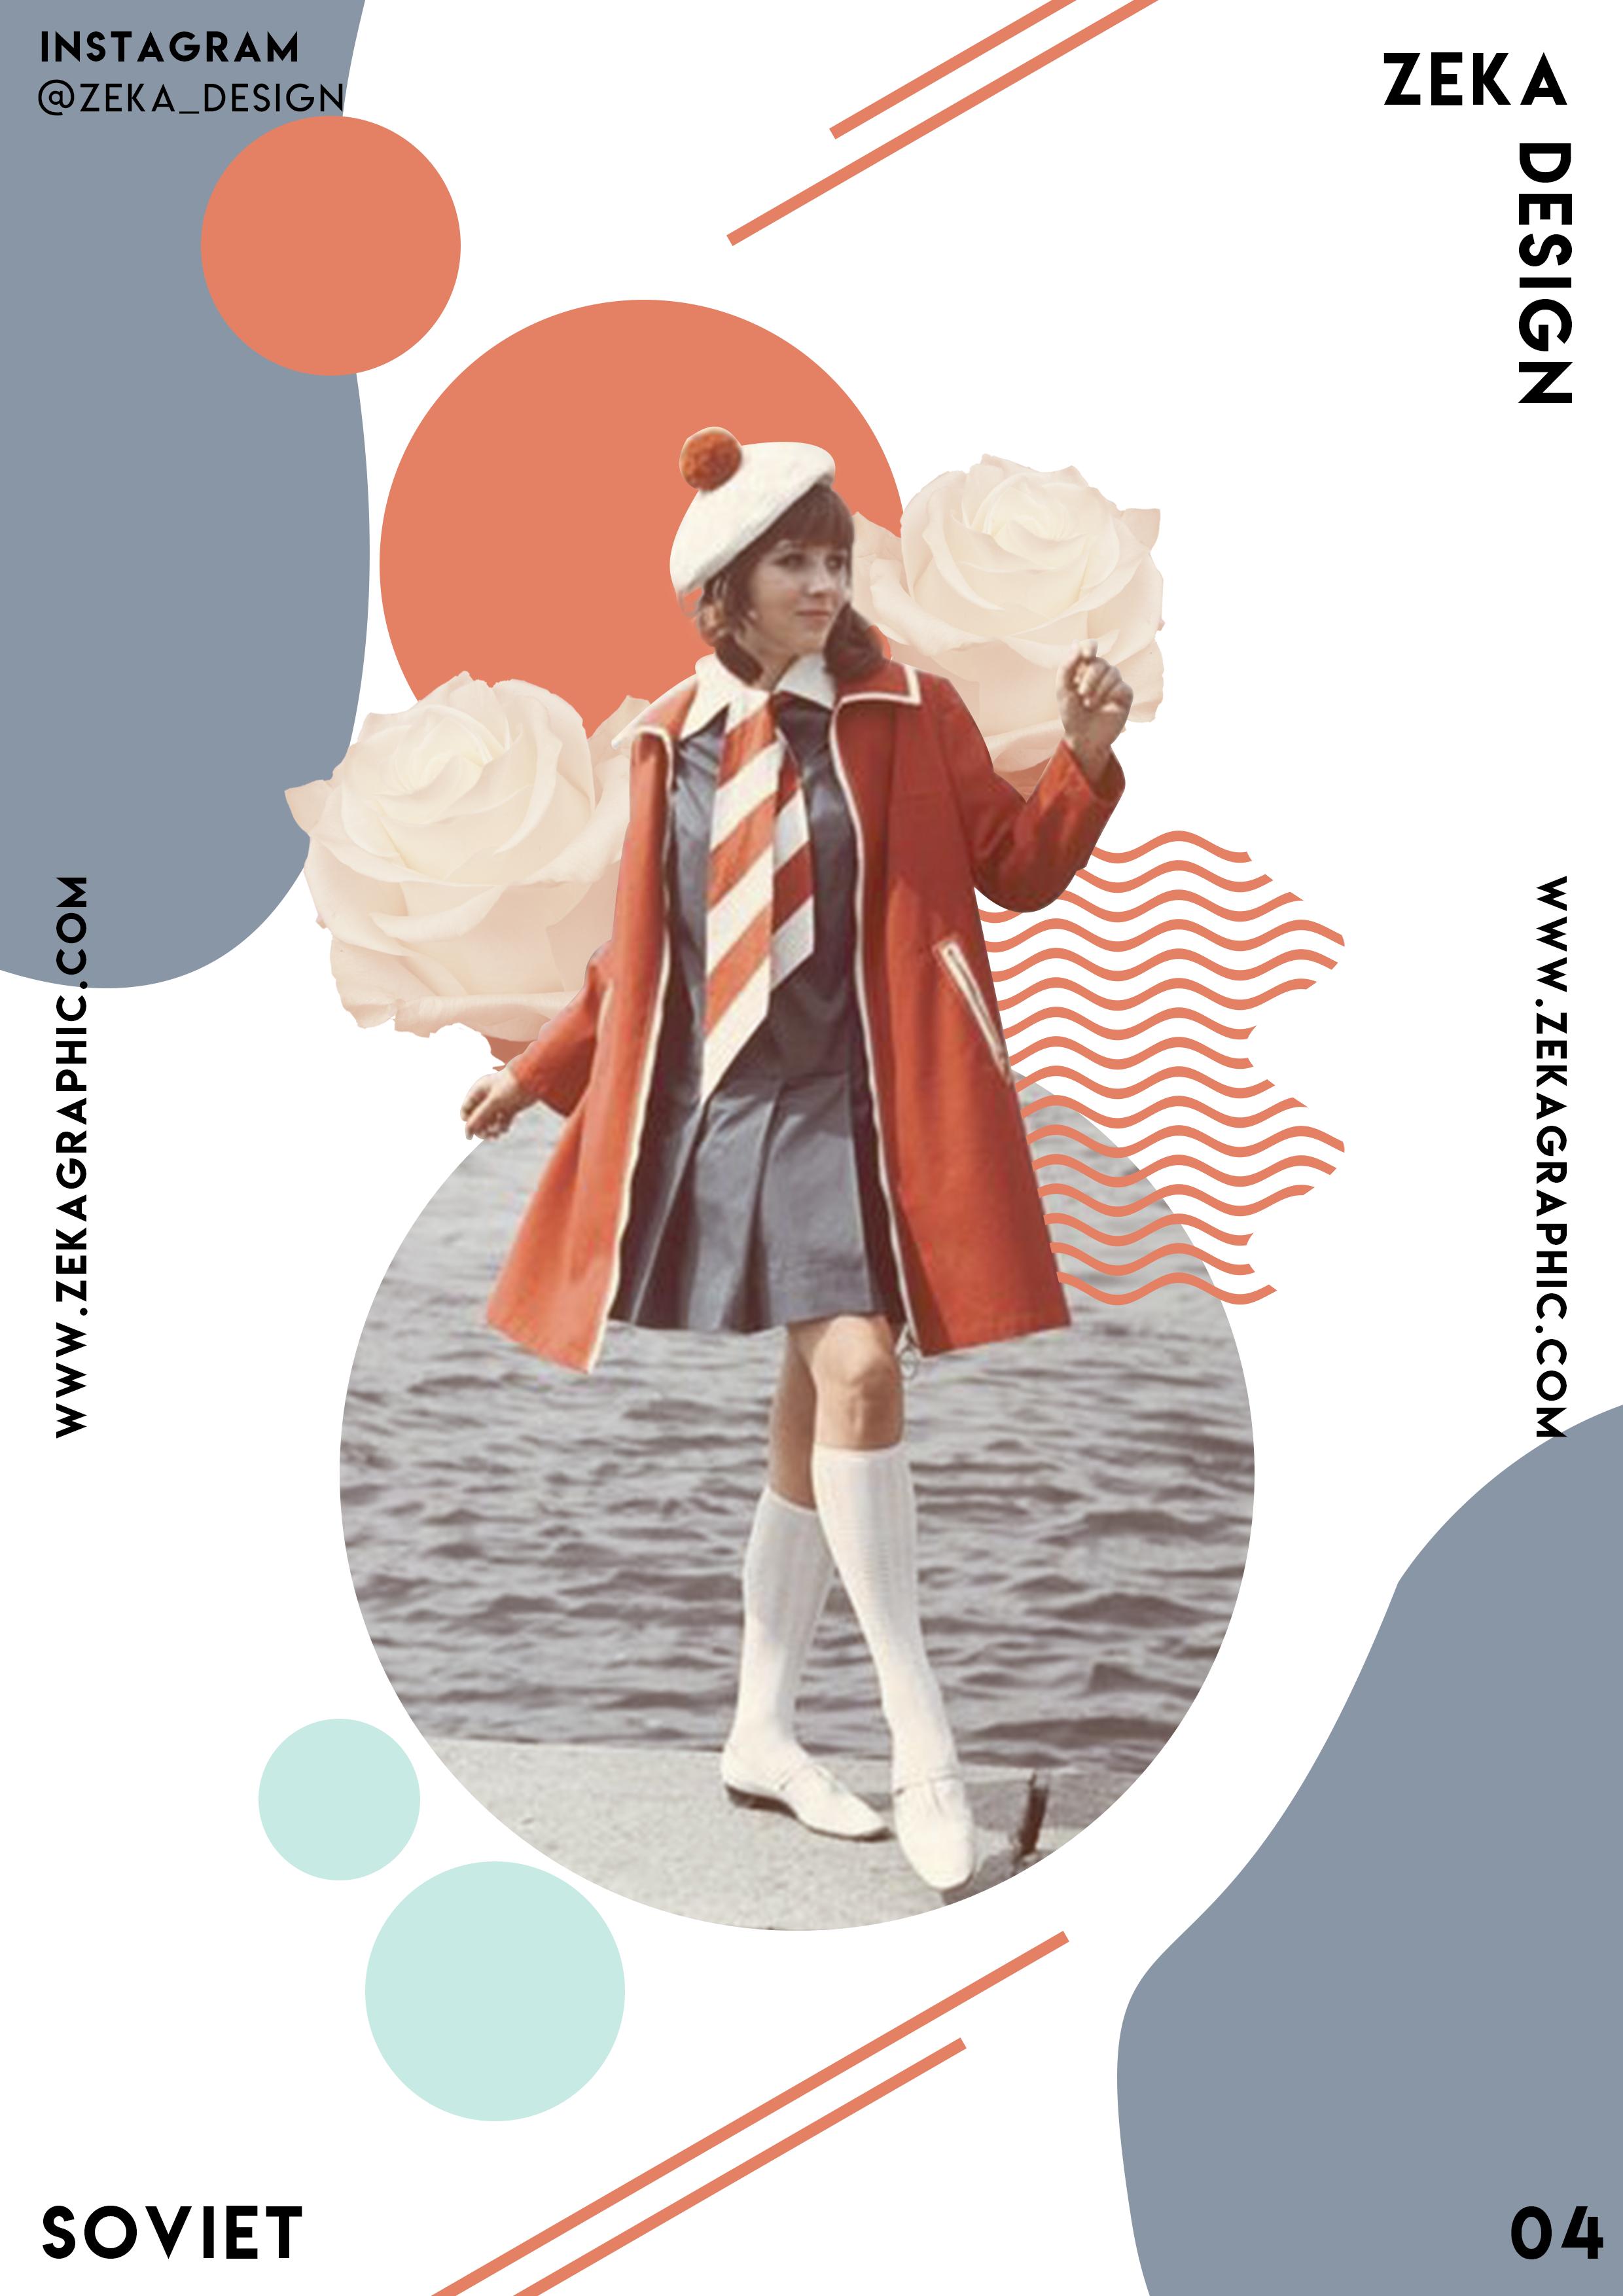 Soviet Poster Design 04 Zeka Design